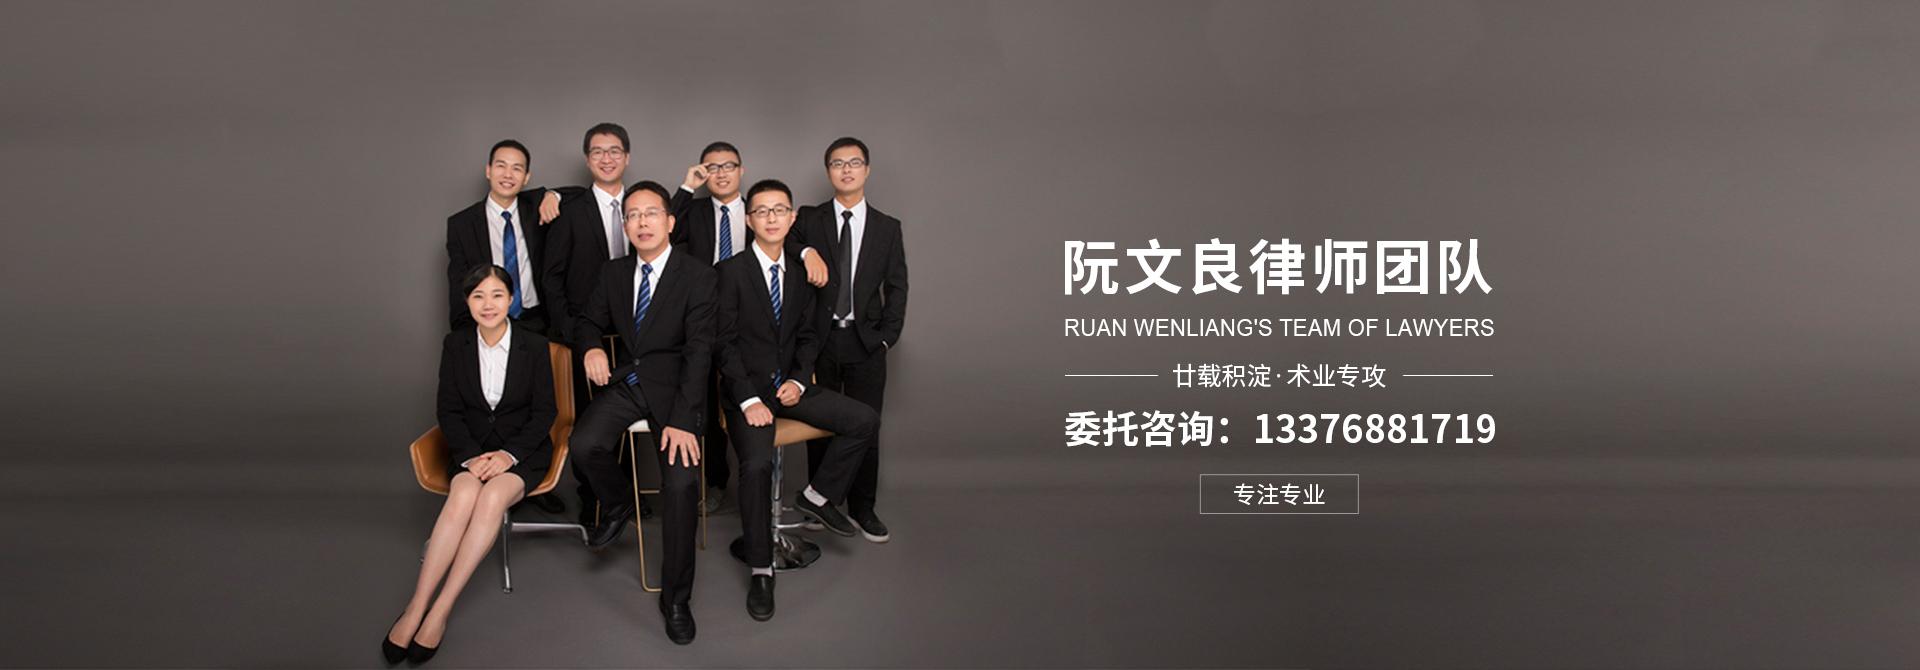 阮文良律师团队